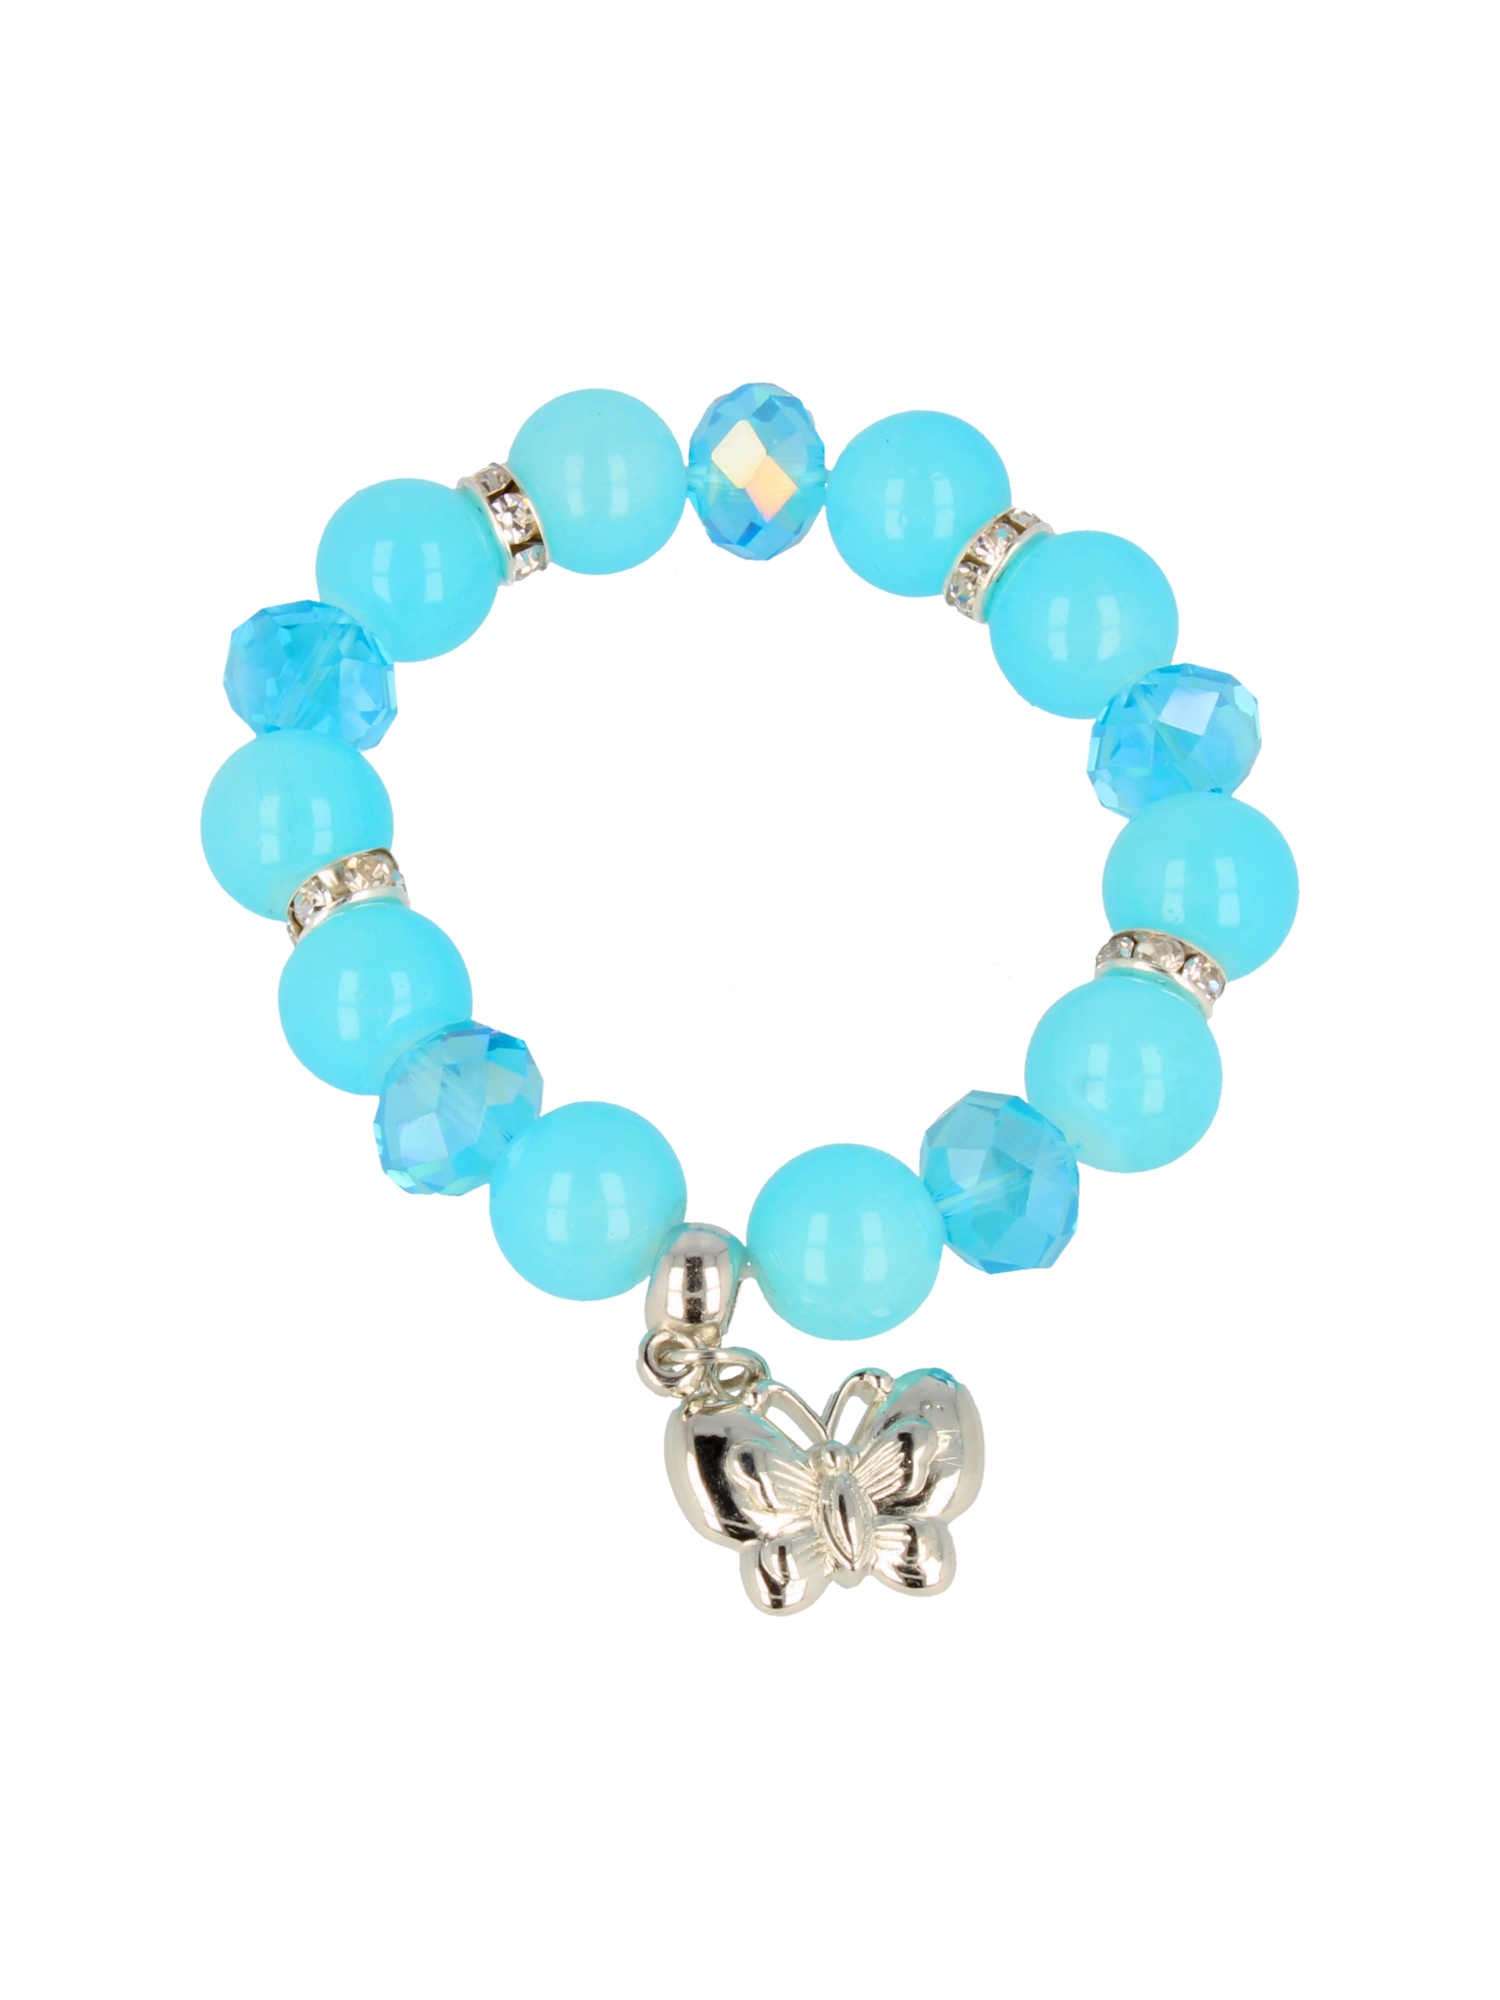 Błękitna Bransoletka koralikowa z zawieszką w kształcie motylka                                  zdj.                                  2